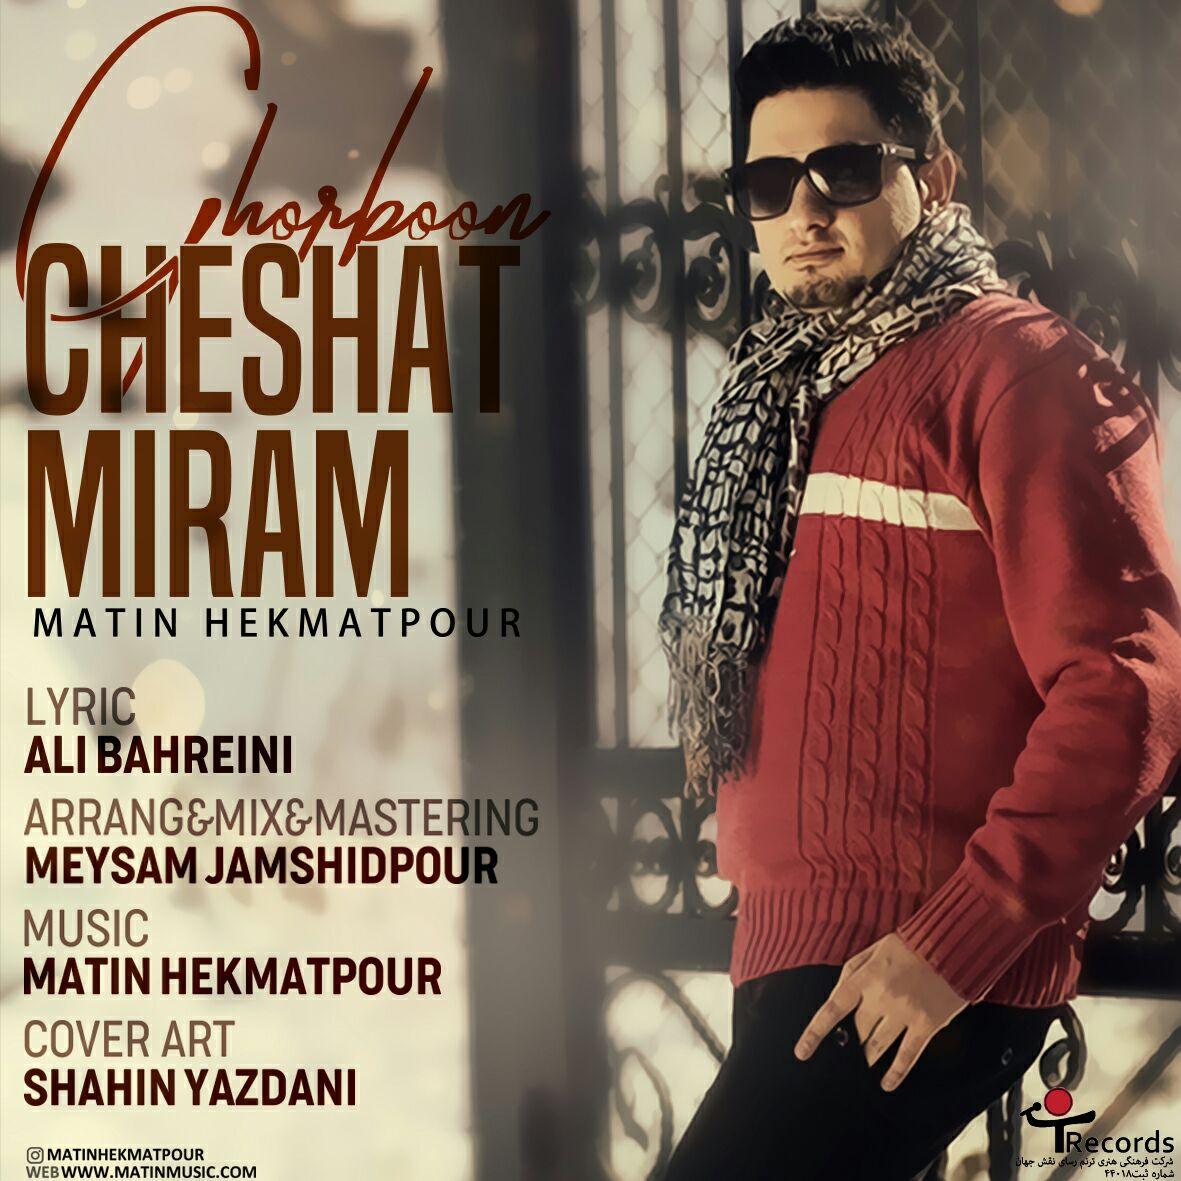 Matin Hekmatpour – Ghorbboone Cheshmat Miram